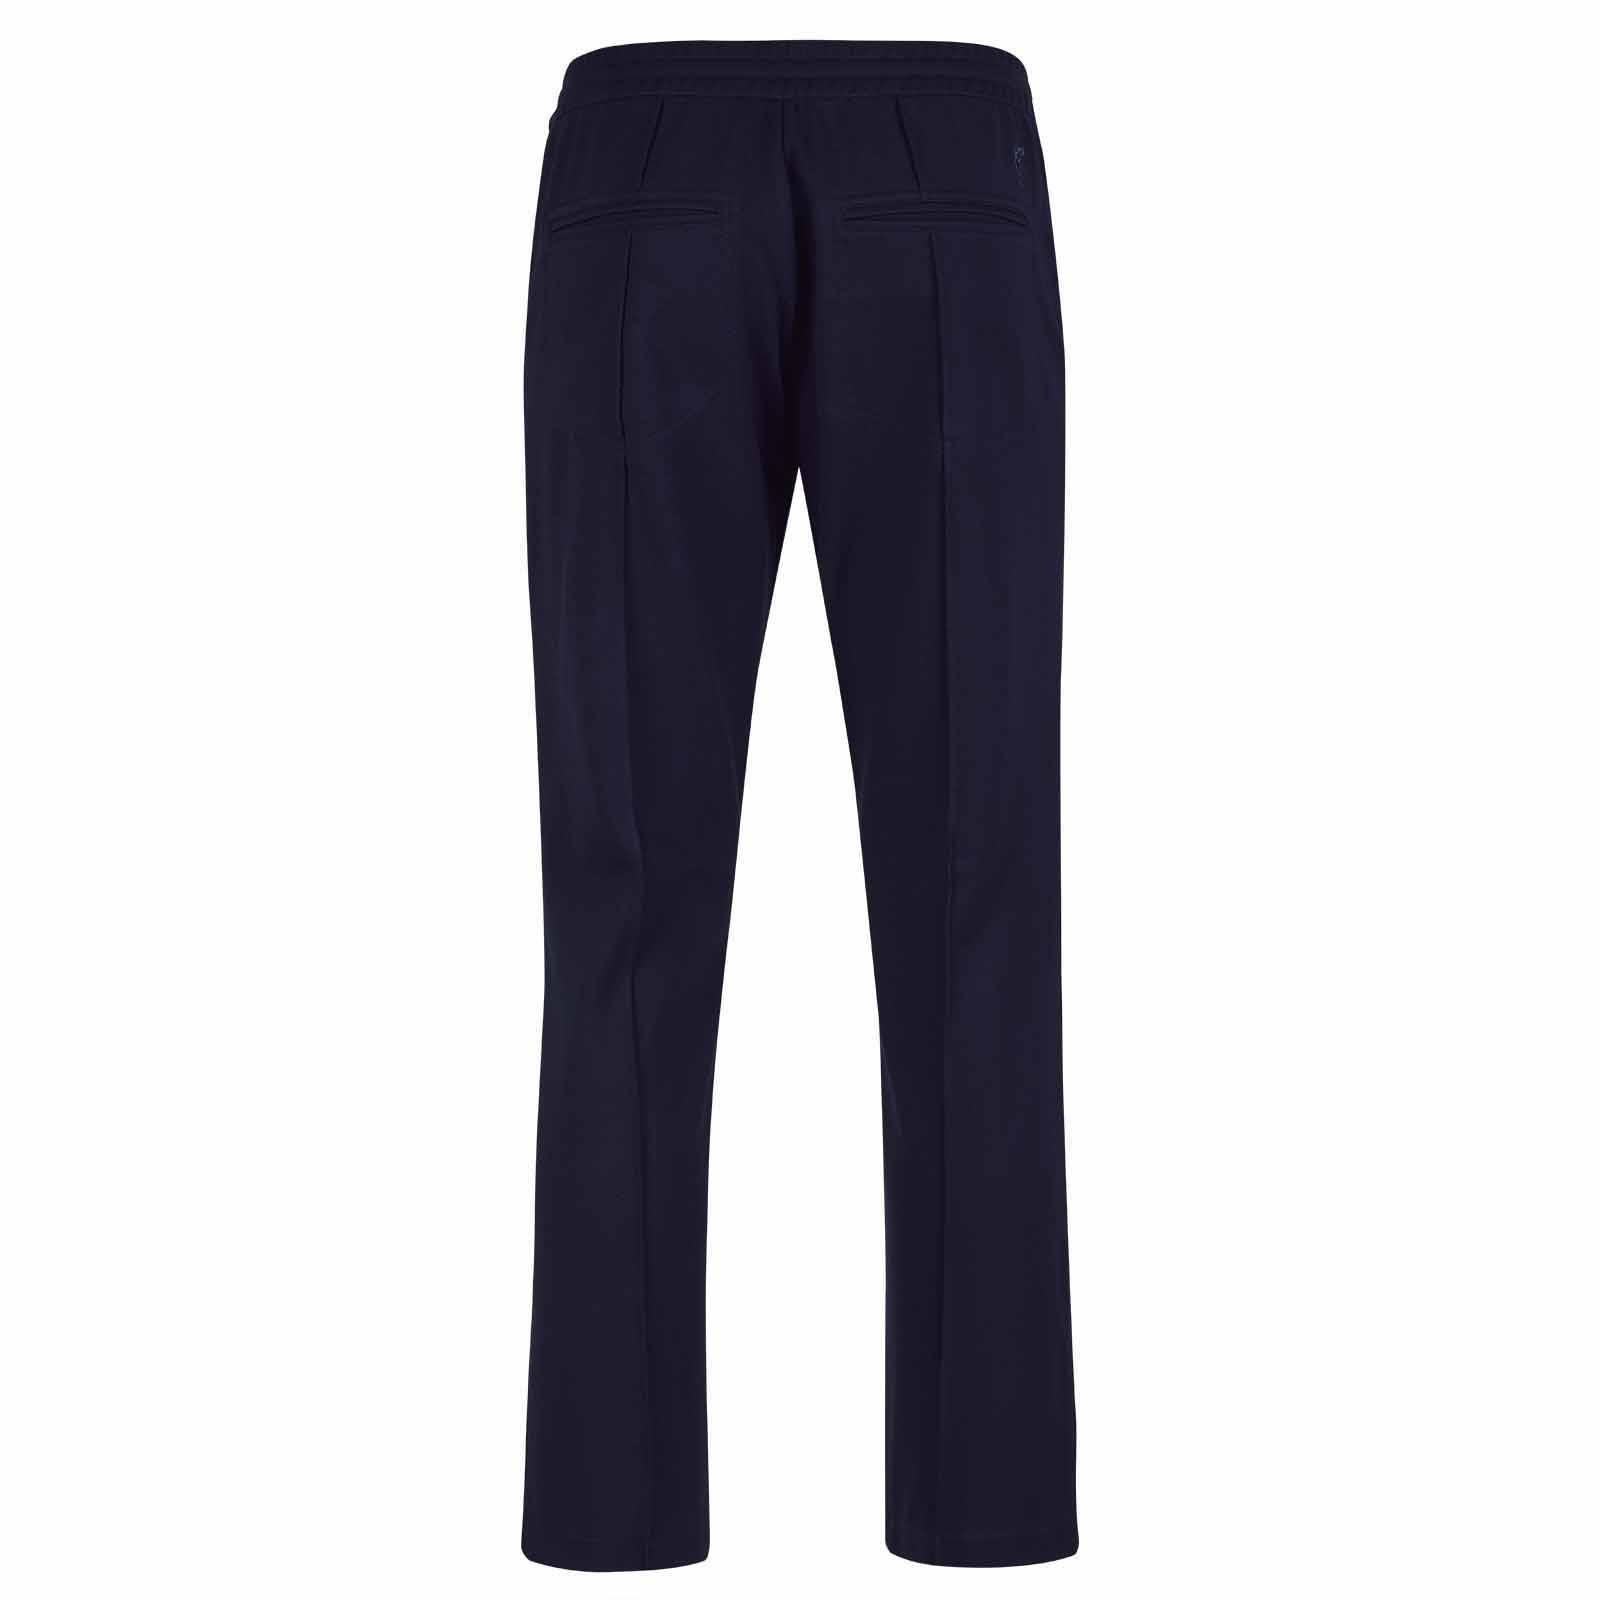 Herren Golfhose mit Extra Stretch Komfort und elastischem Bündchen